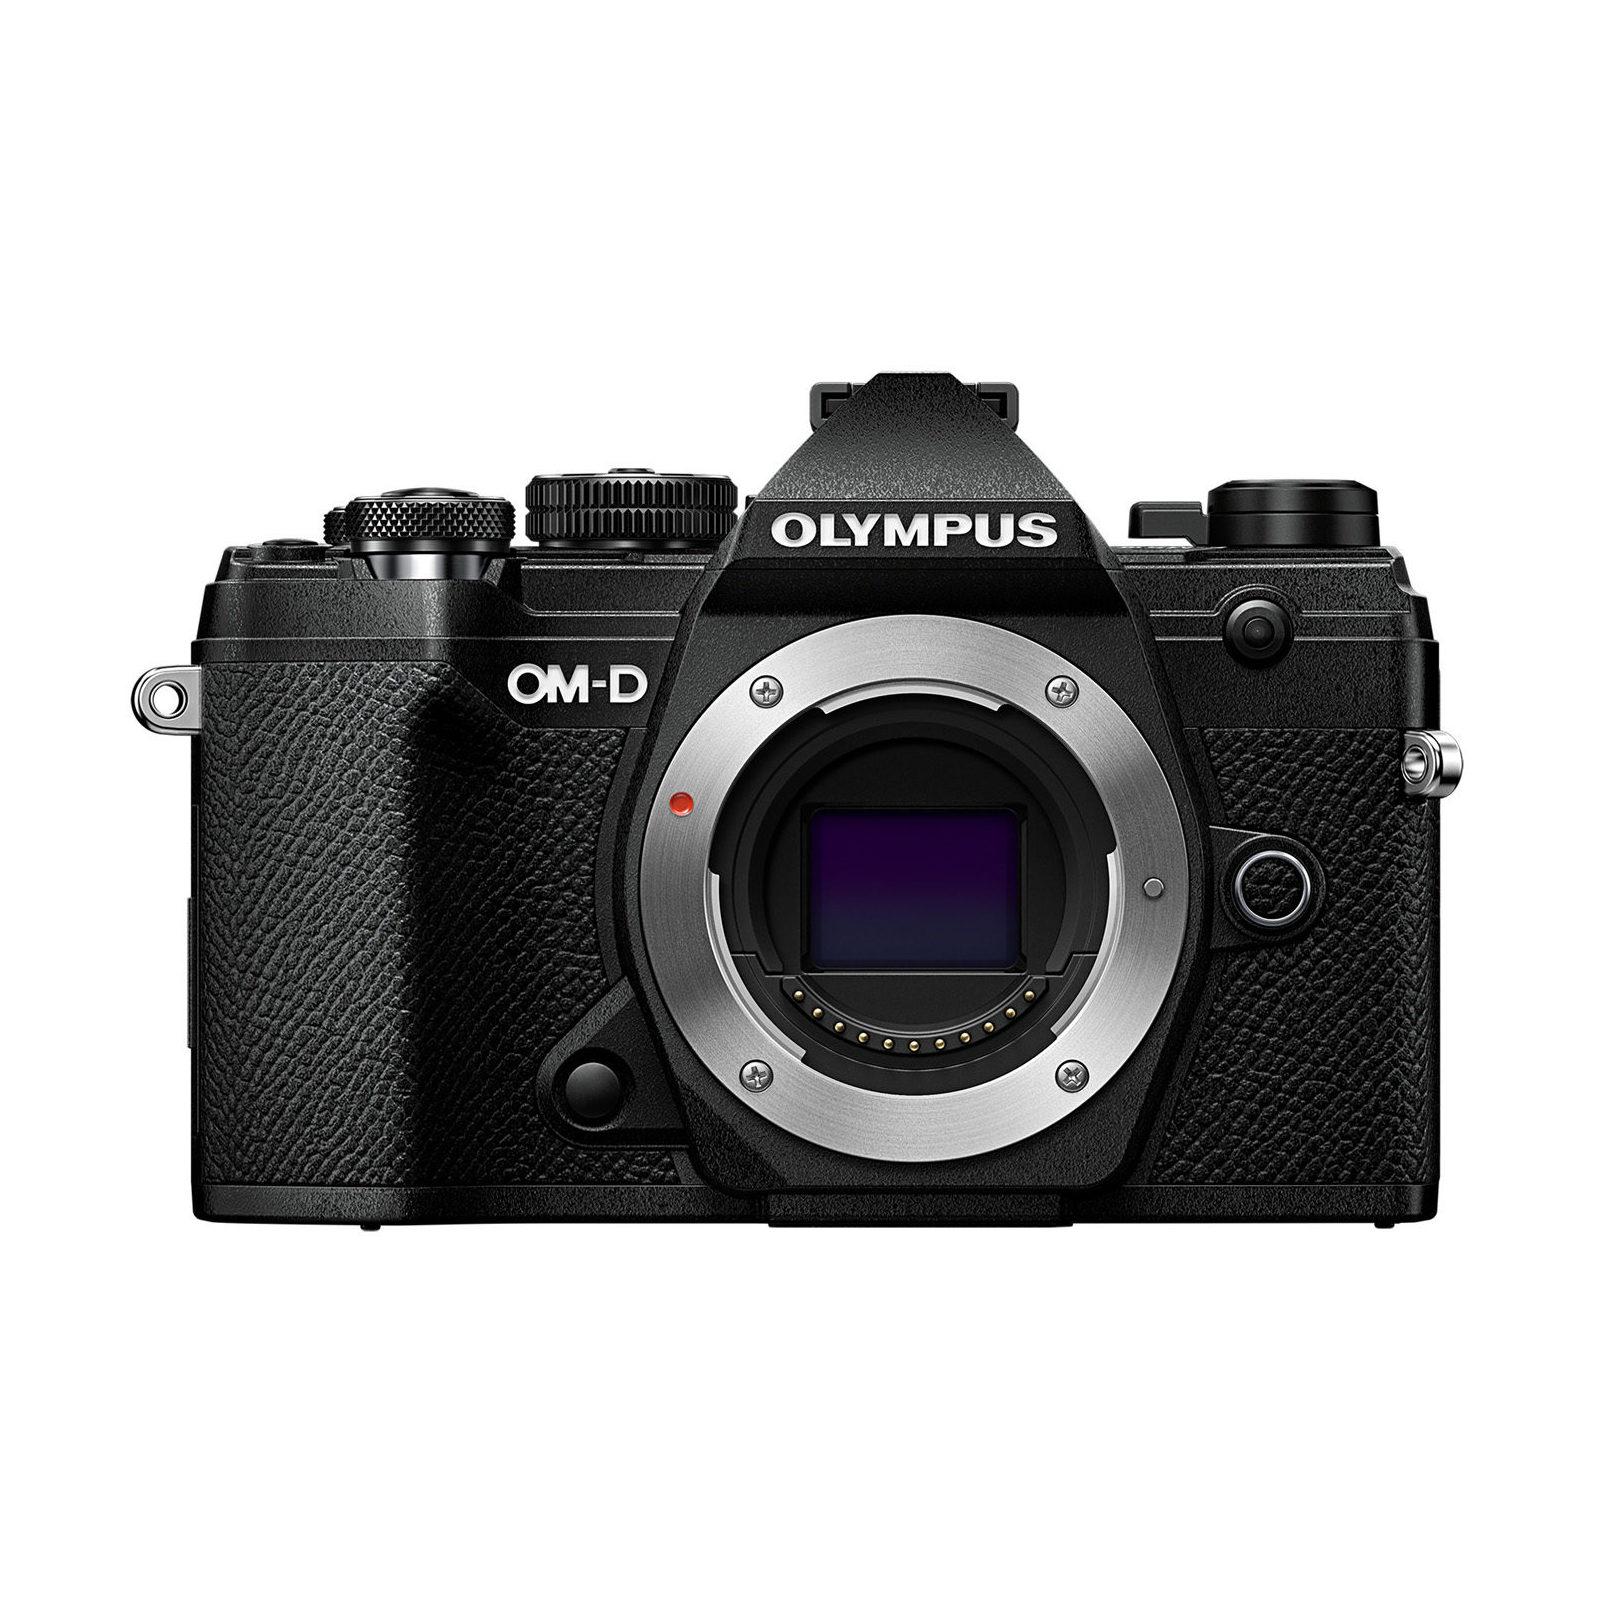 Olympus OM-D E-M5 Mark III systeemcamera Body Zwart <br/>€ 1135.00 <br/> <a href='https://www.cameranu.nl/fotografie/?tt=12190_474631_241358_&r=https%3A%2F%2Fwww.cameranu.nl%2Fnl%2Fp3130152%2Folympus-om-d-e-m5-mark-iii-systeemcamera-body-zwart%3Fchannable%3De10841.MzEzMDE1Mg%26utm_campaign%3D%26utm_content%3DOM-D%2Bserie%26utm_source%3DTradetracker%26utm_medium%3Dcpc%26utm_term%3DDigitale%2Bcamera%26apos%3Bs' target='_blank'>naar de winkel</a>